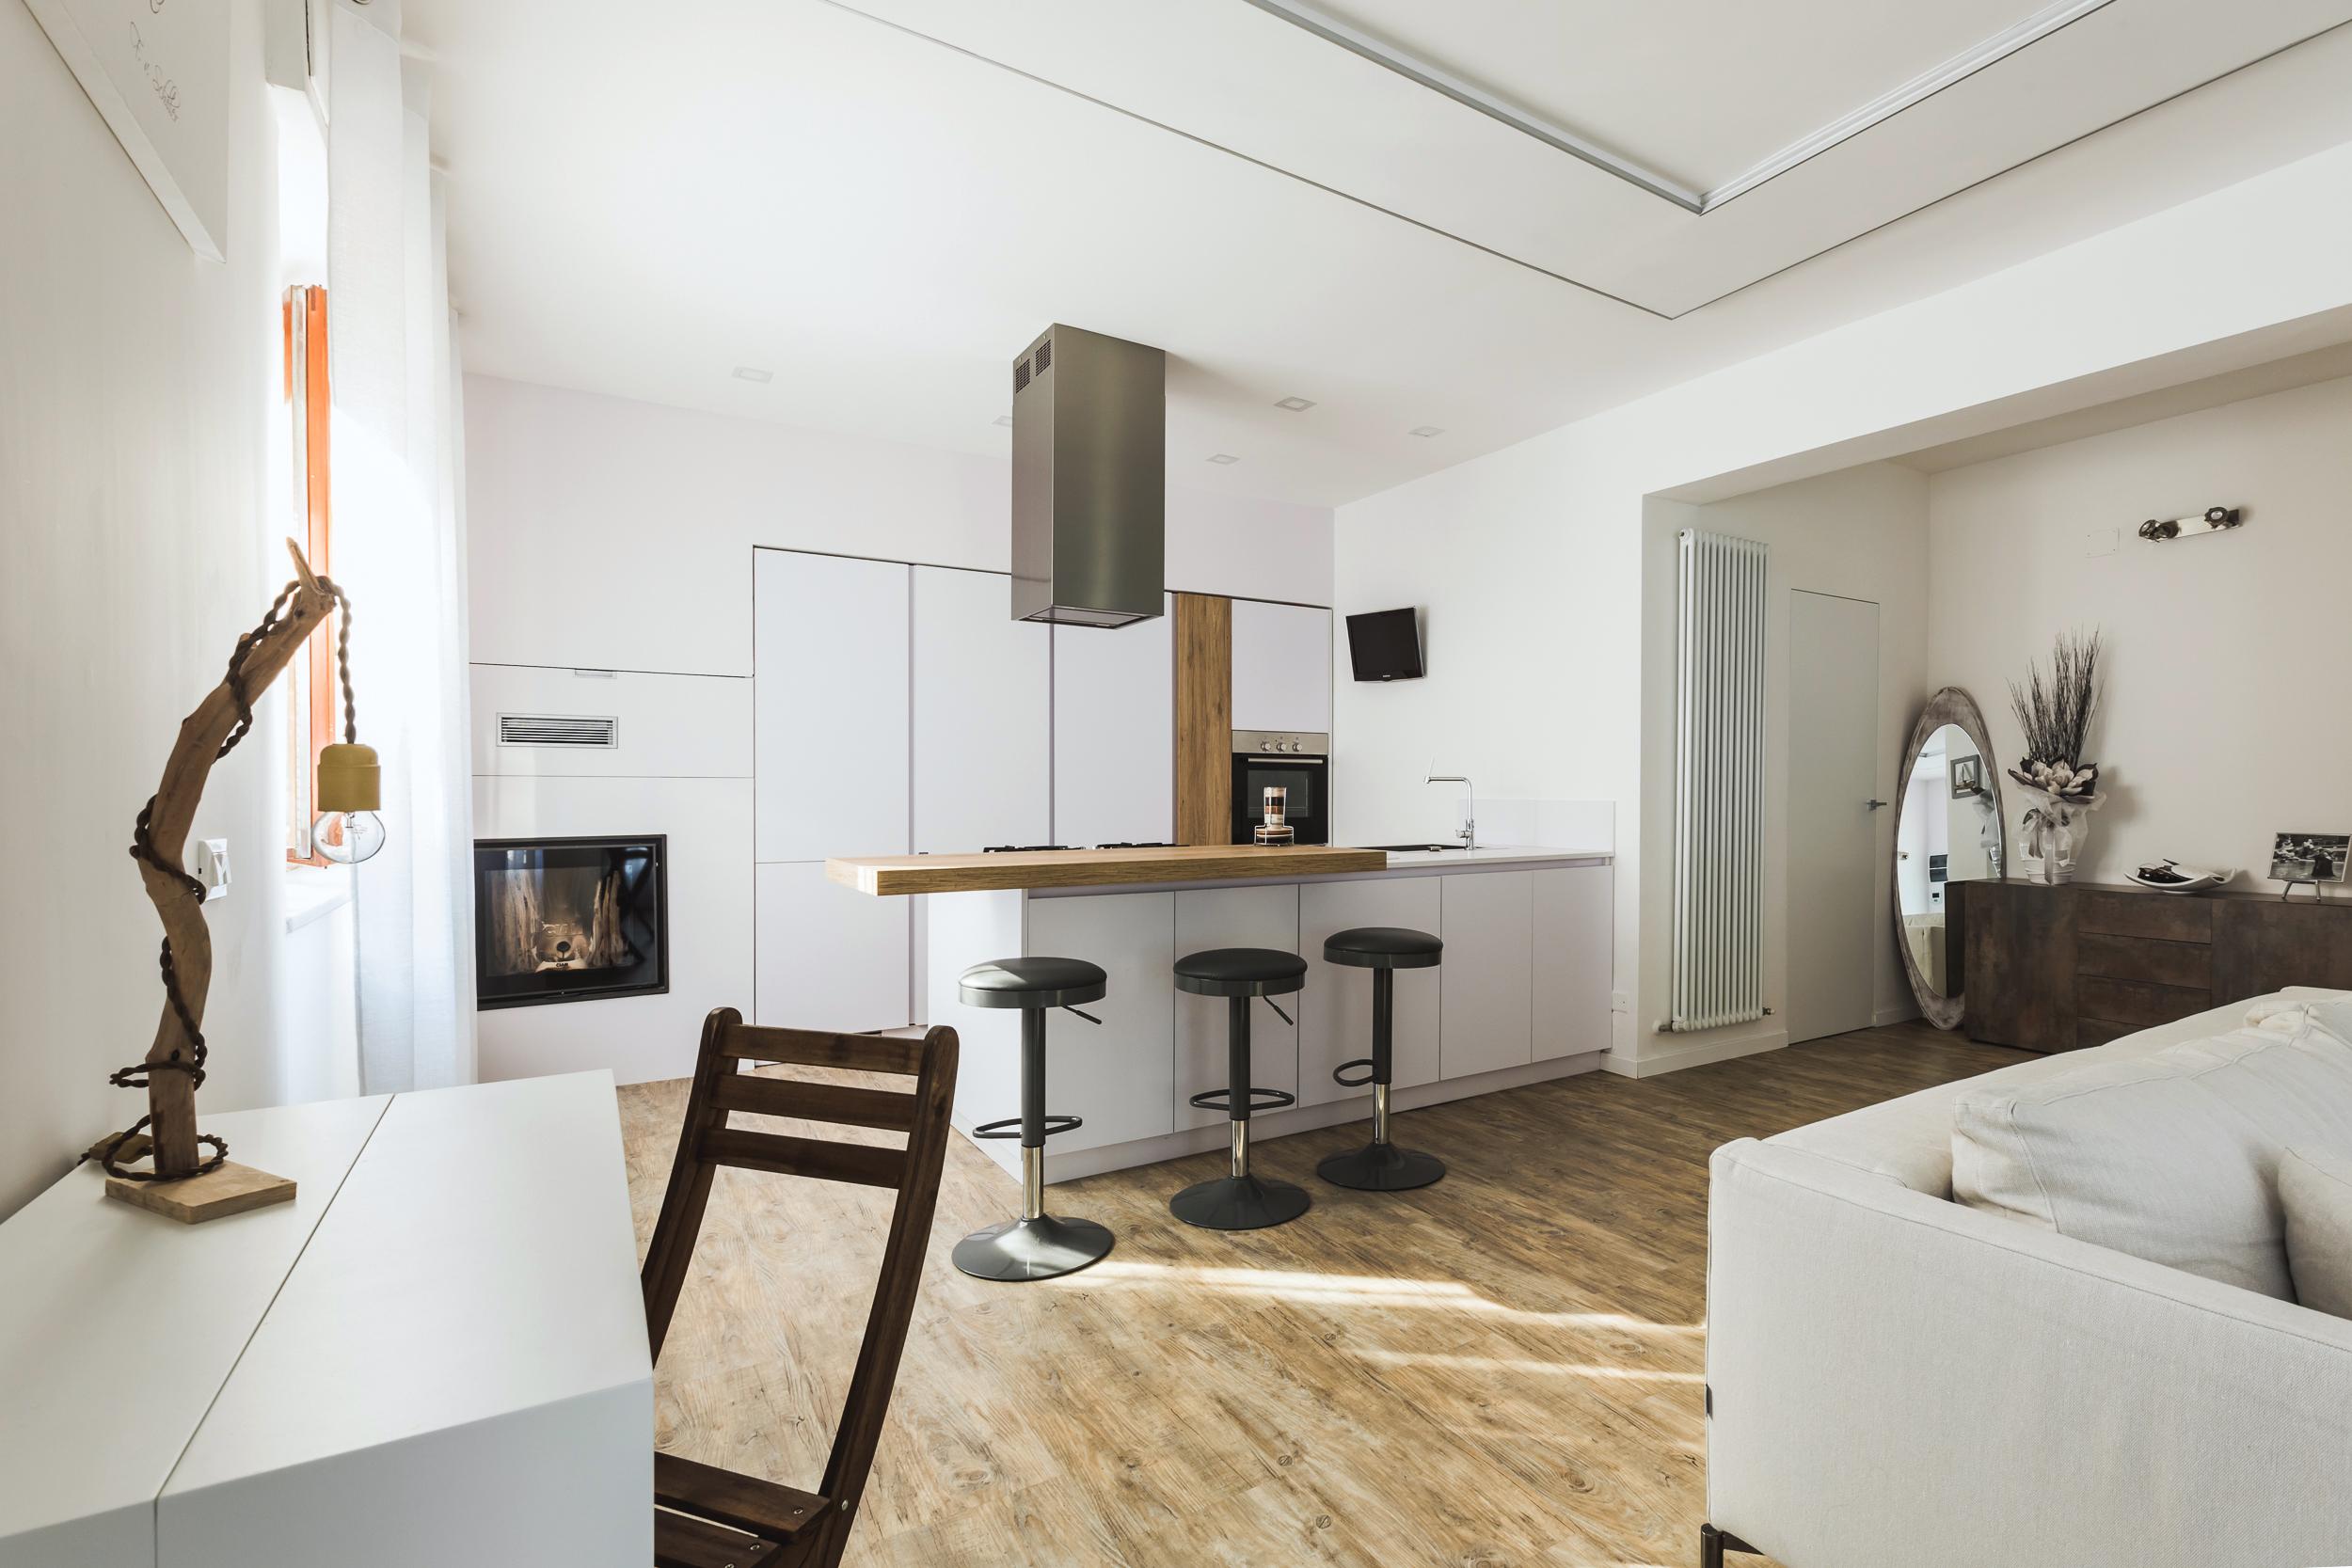 Come scegliere i mobili per l'arredamento della tua casa ...